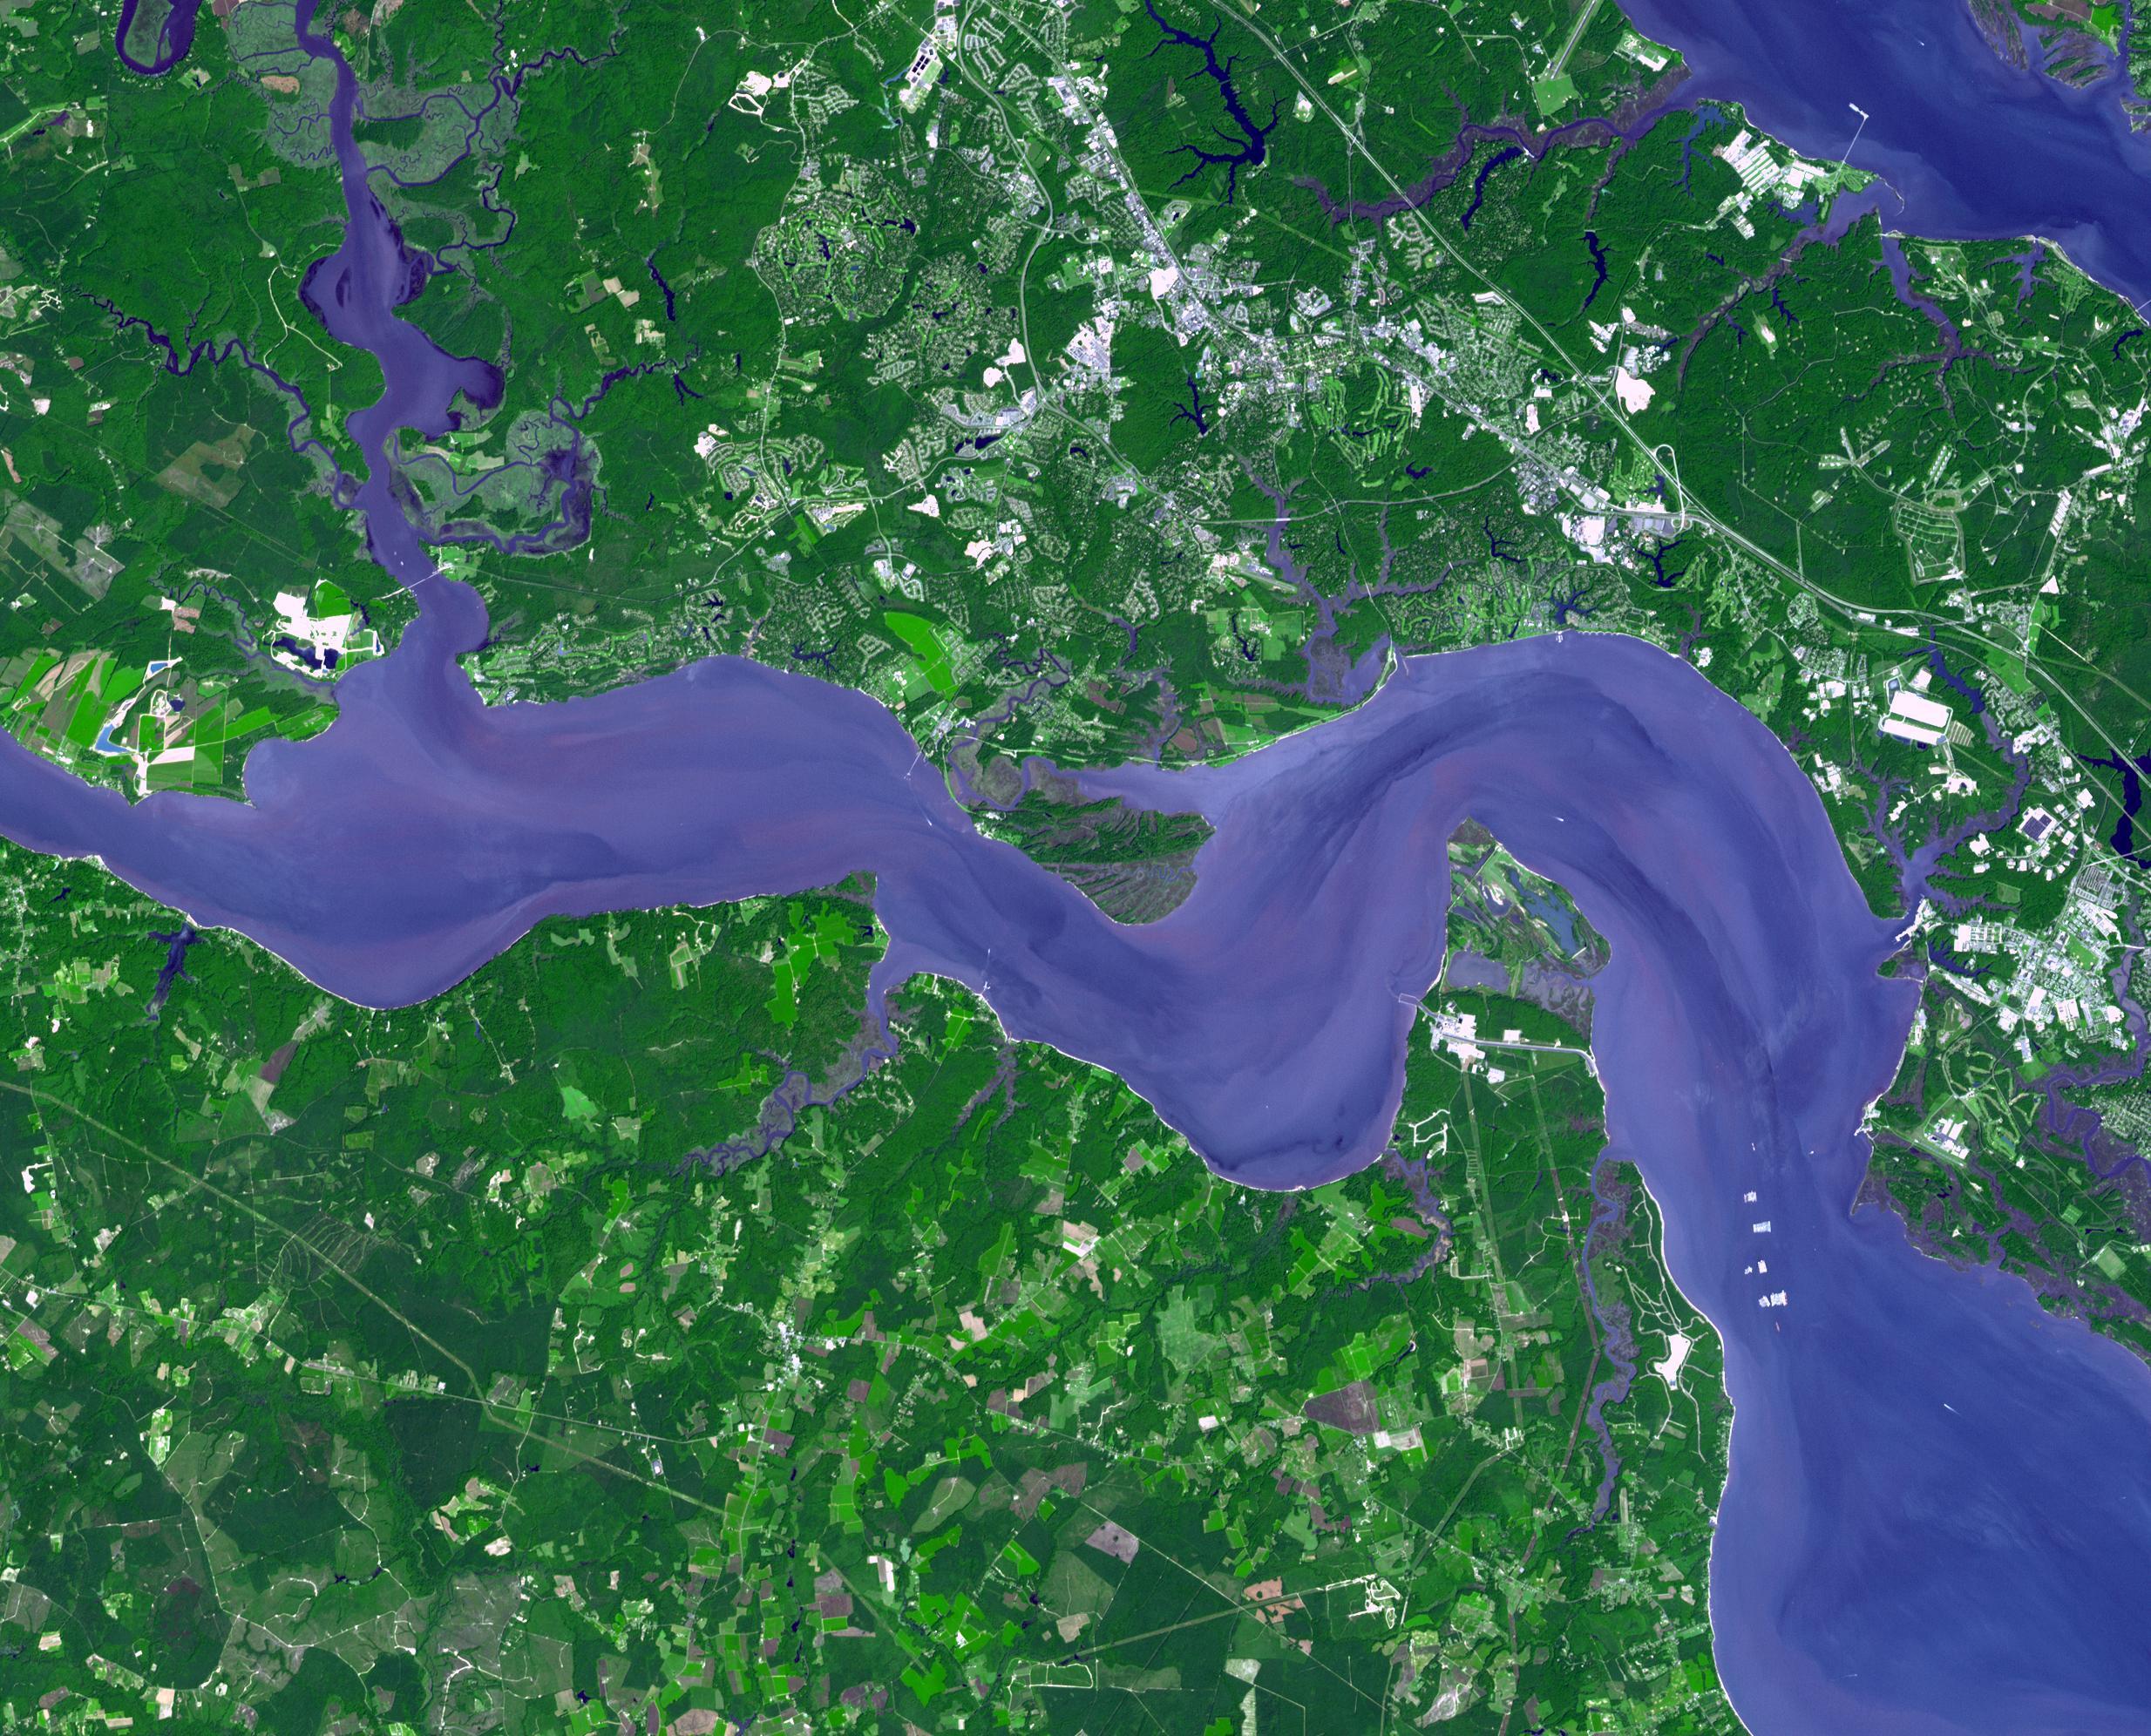 nasa virginia locations - HD1024×827